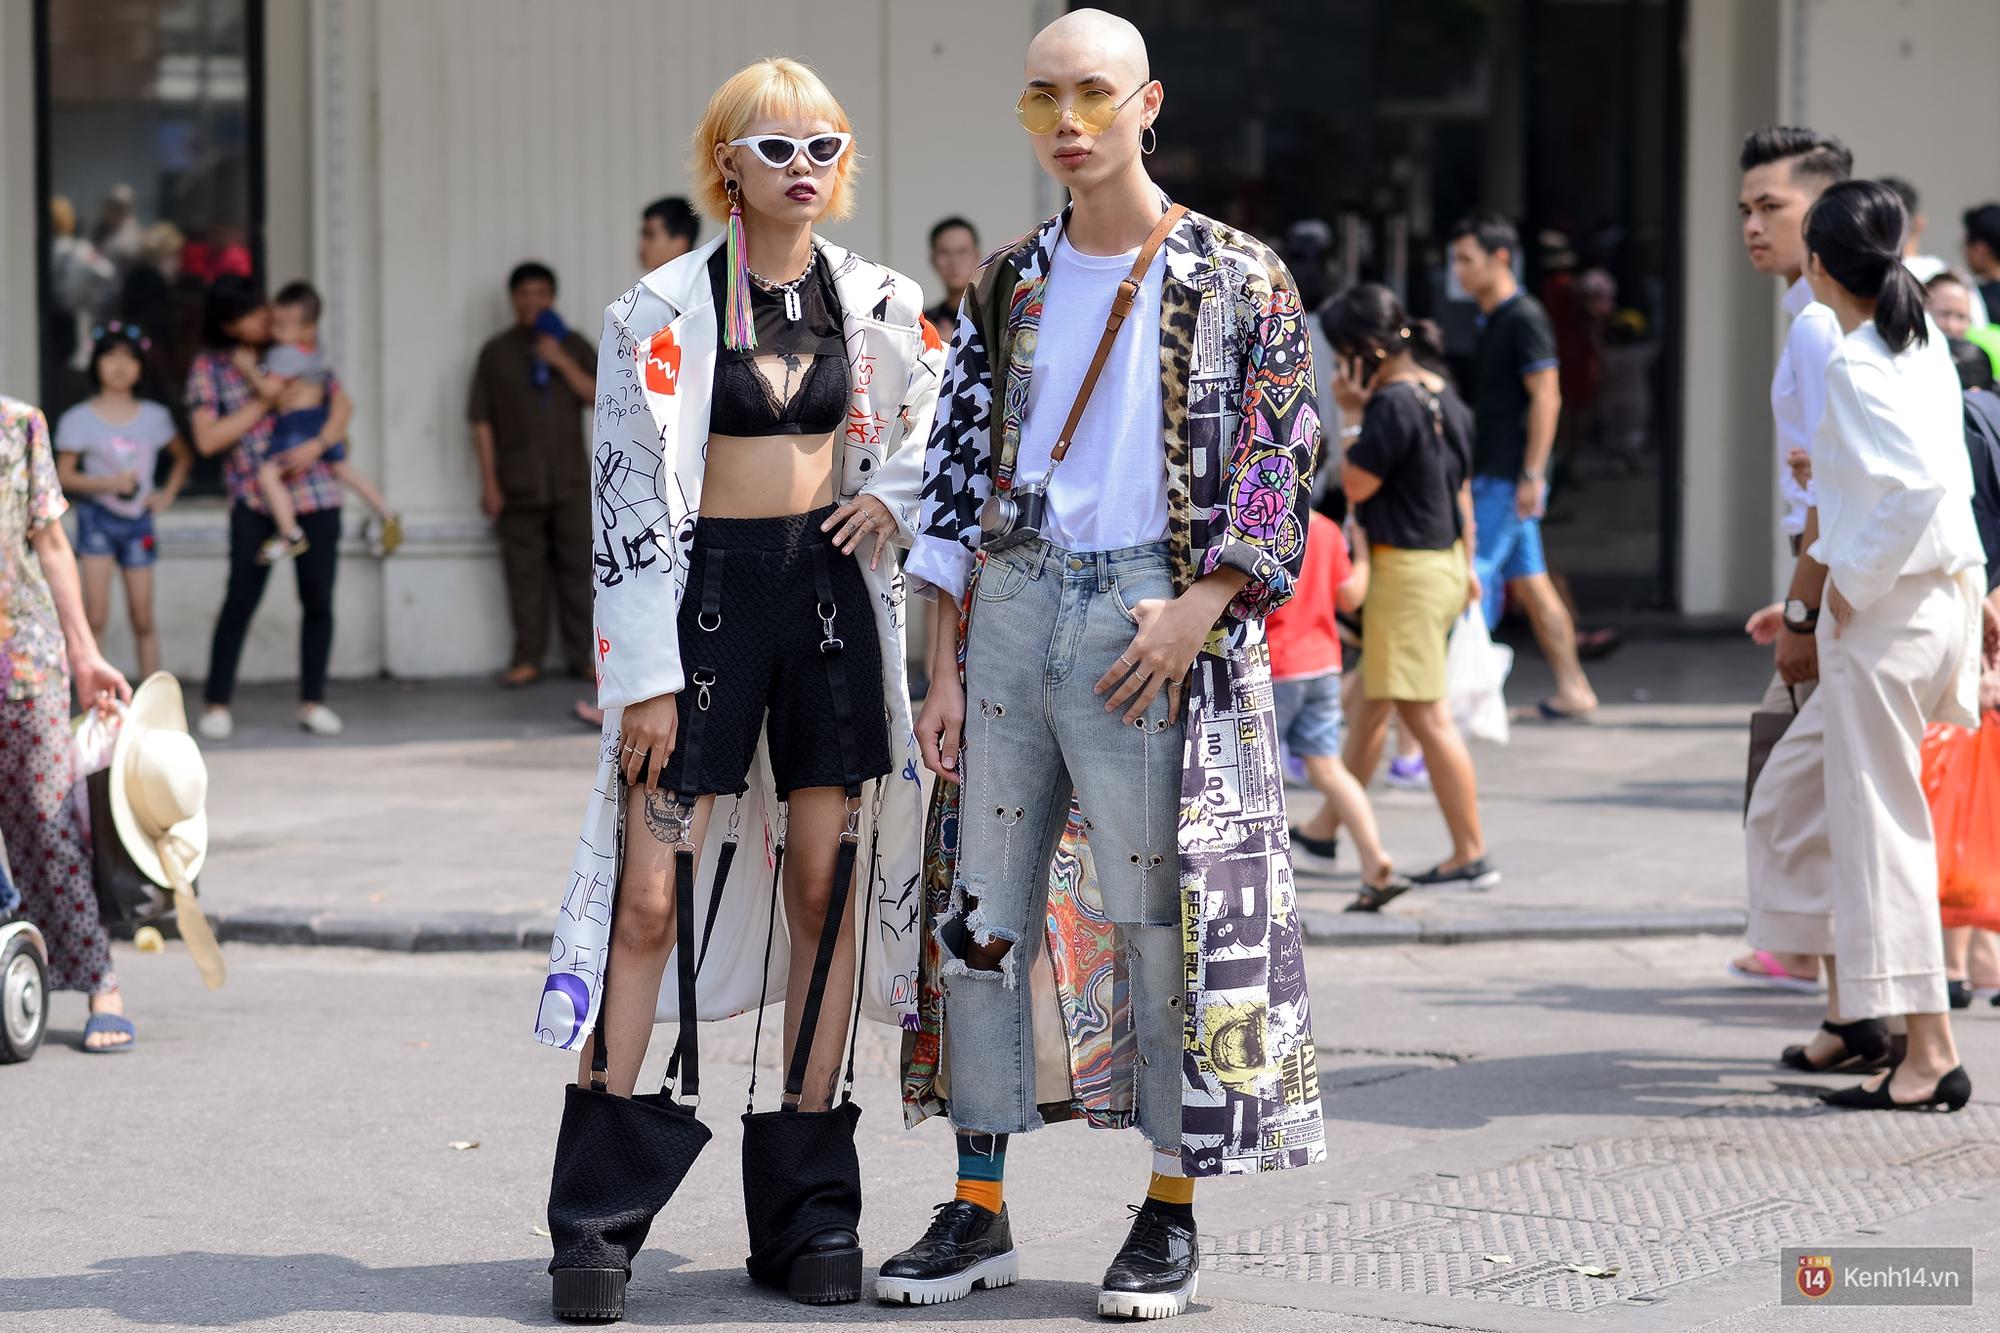 Street style ngày đầu VIFW: Giới trẻ Hà Nội ăn vận lồng lộn hơn hẳn năm trước, các nhóc tì mặc chất gây bão phố đi bộ - Ảnh 14.